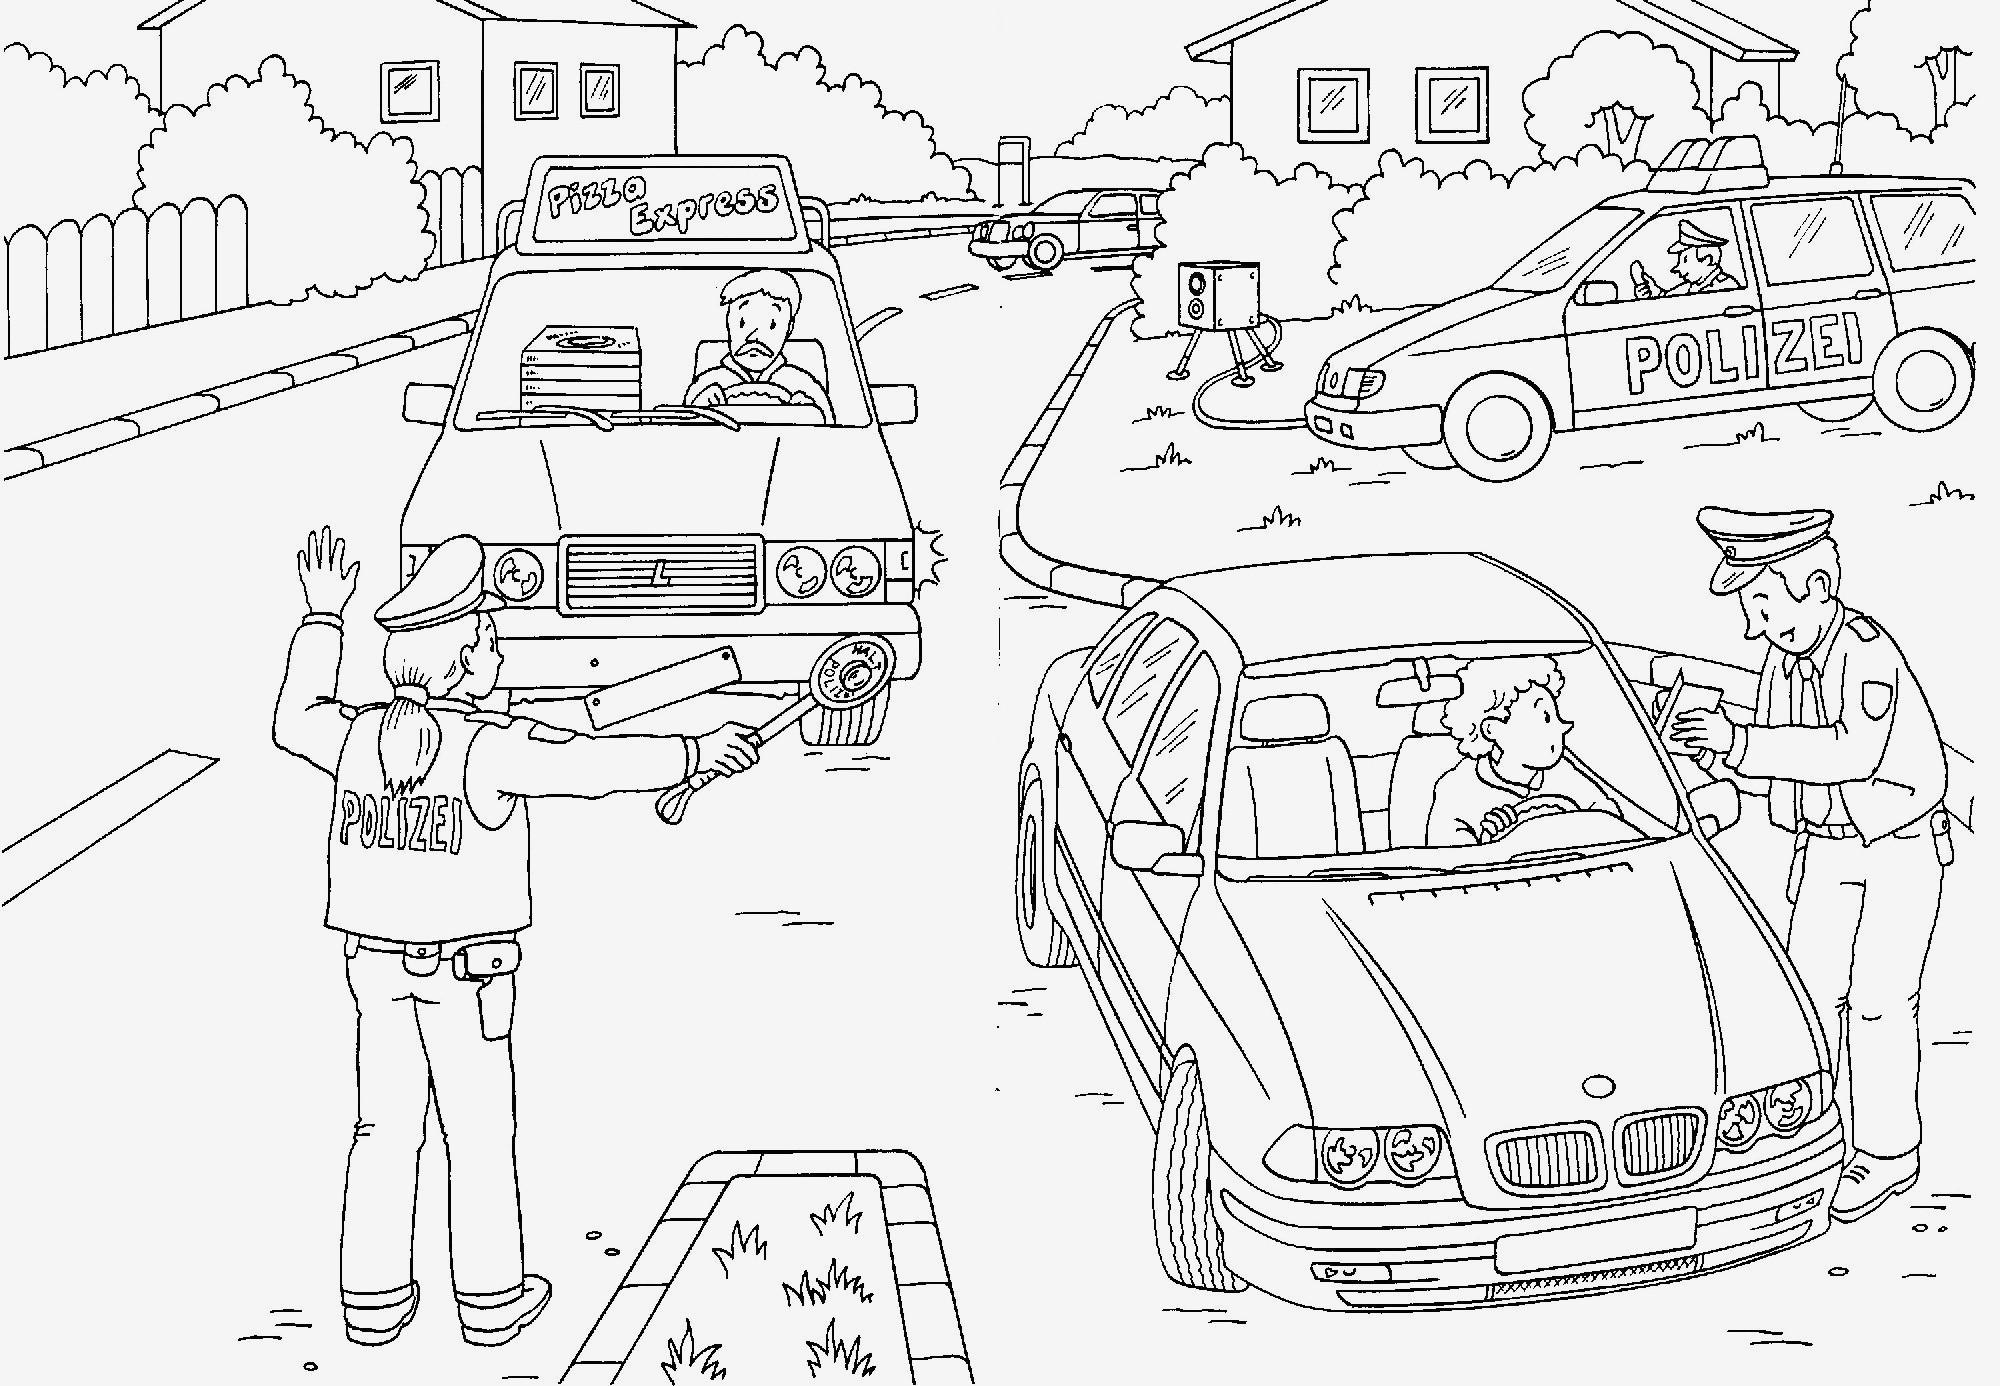 Spongebob Bilder Zum Ausmalen Frisch Kinder Malvorlagen Bilder Zum Ausmalen Bekommen Drei Auto Polizei Bilder